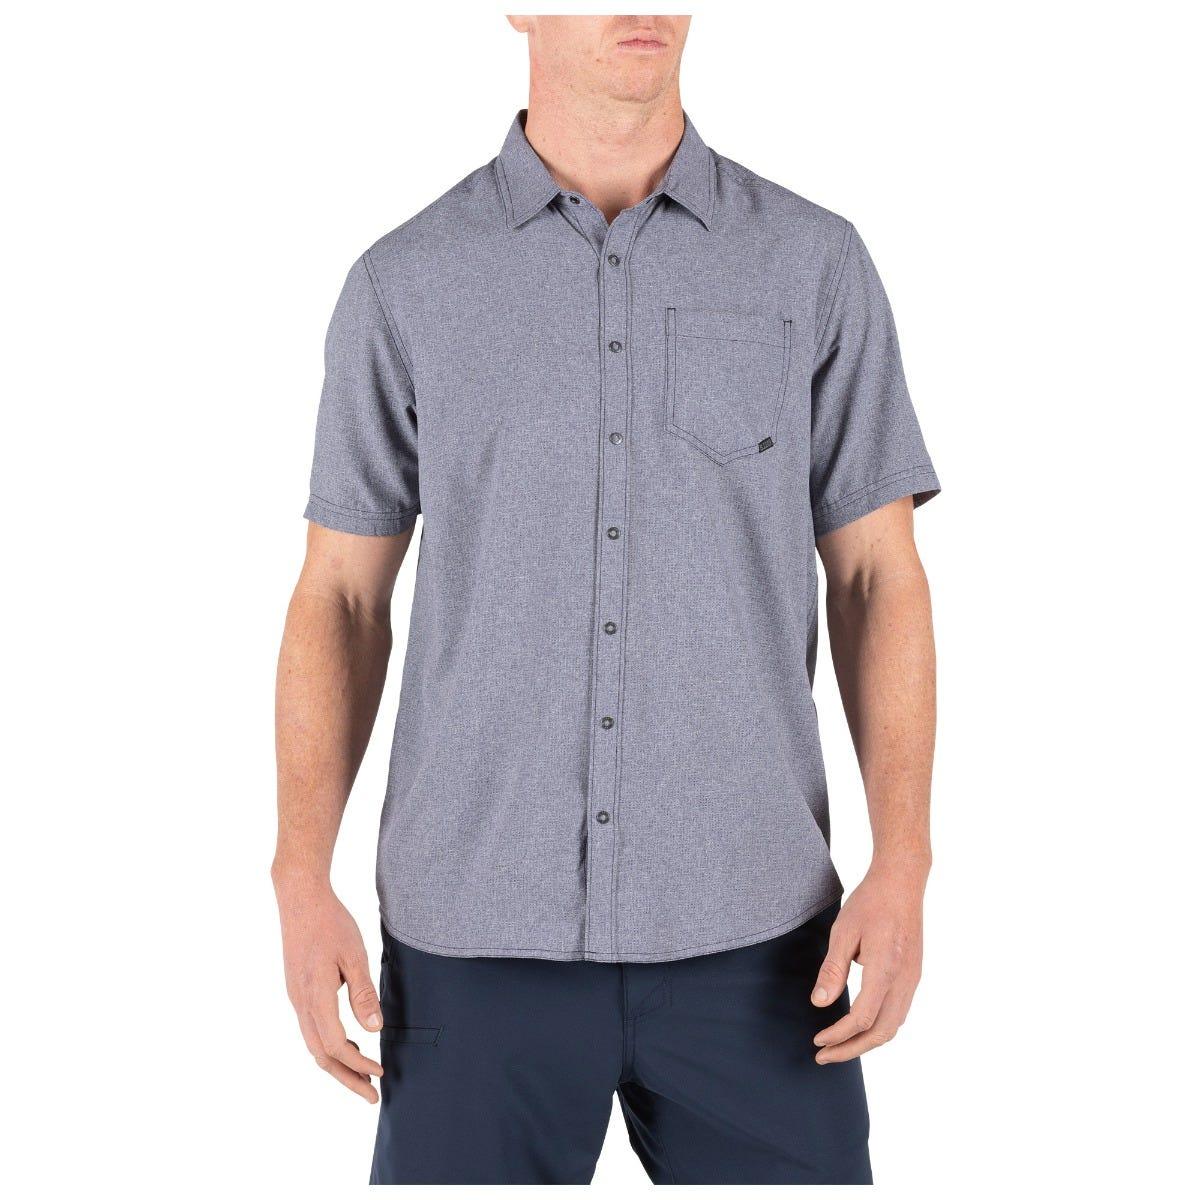 cfe207bc66b05 image of Evolution Shirt with sku 888579276282